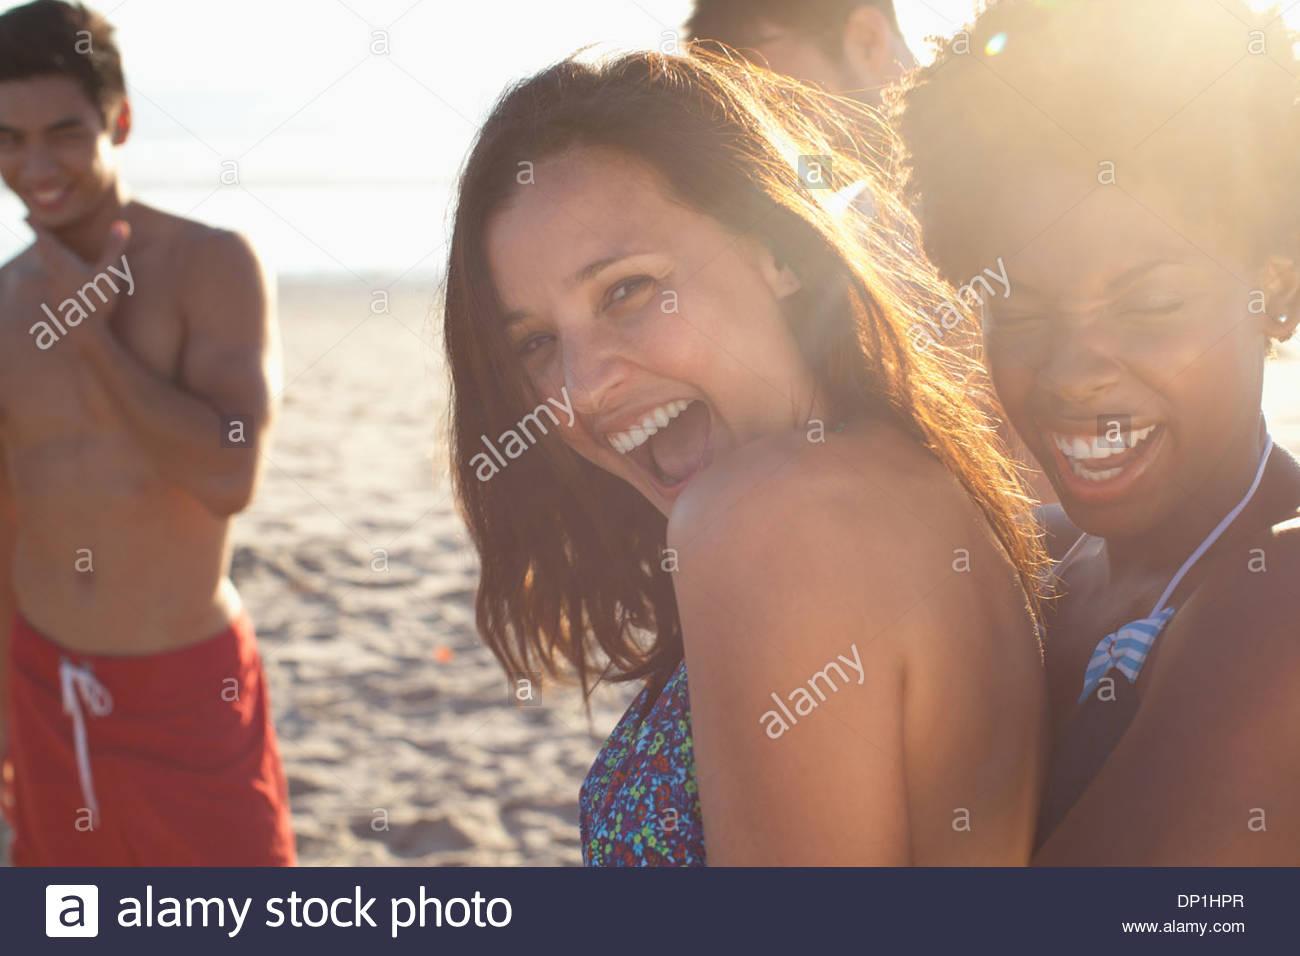 Le donne insieme giocando sulla spiaggia Immagini Stock